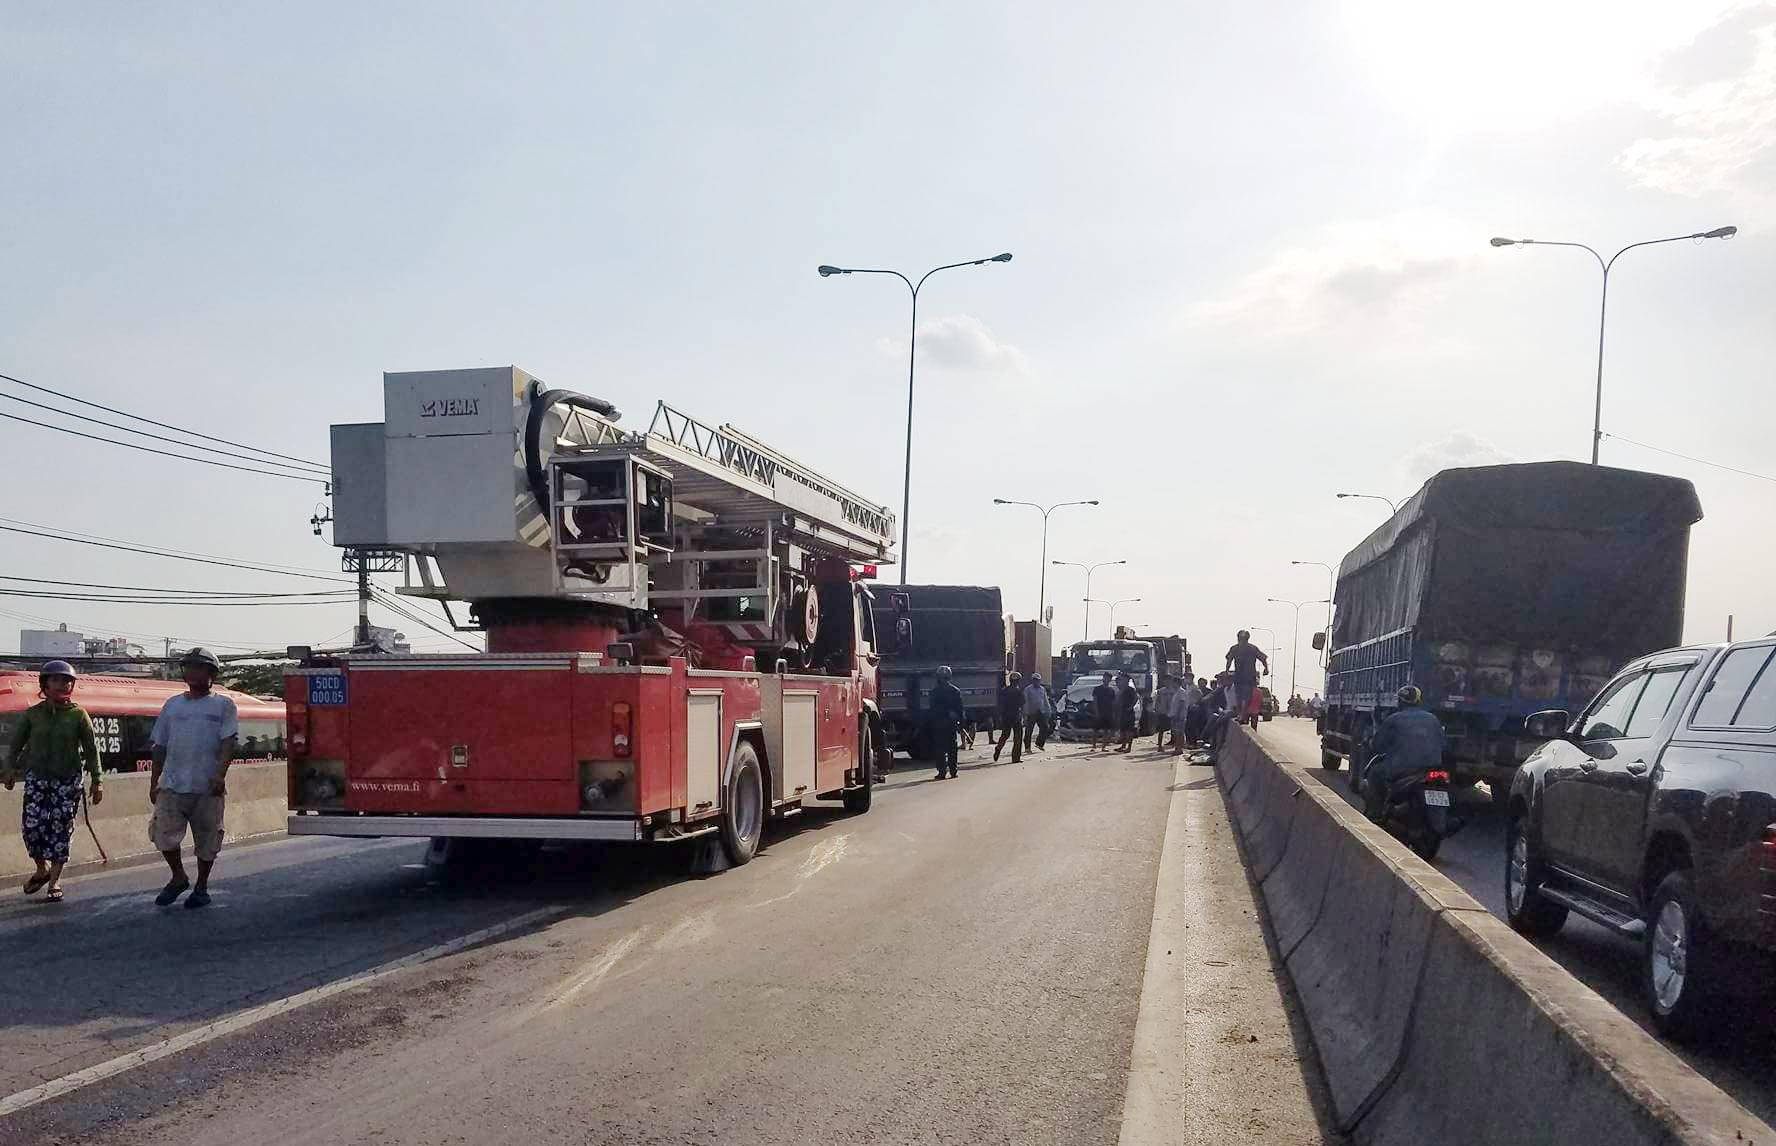 Cảnh sát giải cứu thiếu niên kẹt trong đầu xe bẹp dúm tại cầu vượt - 3